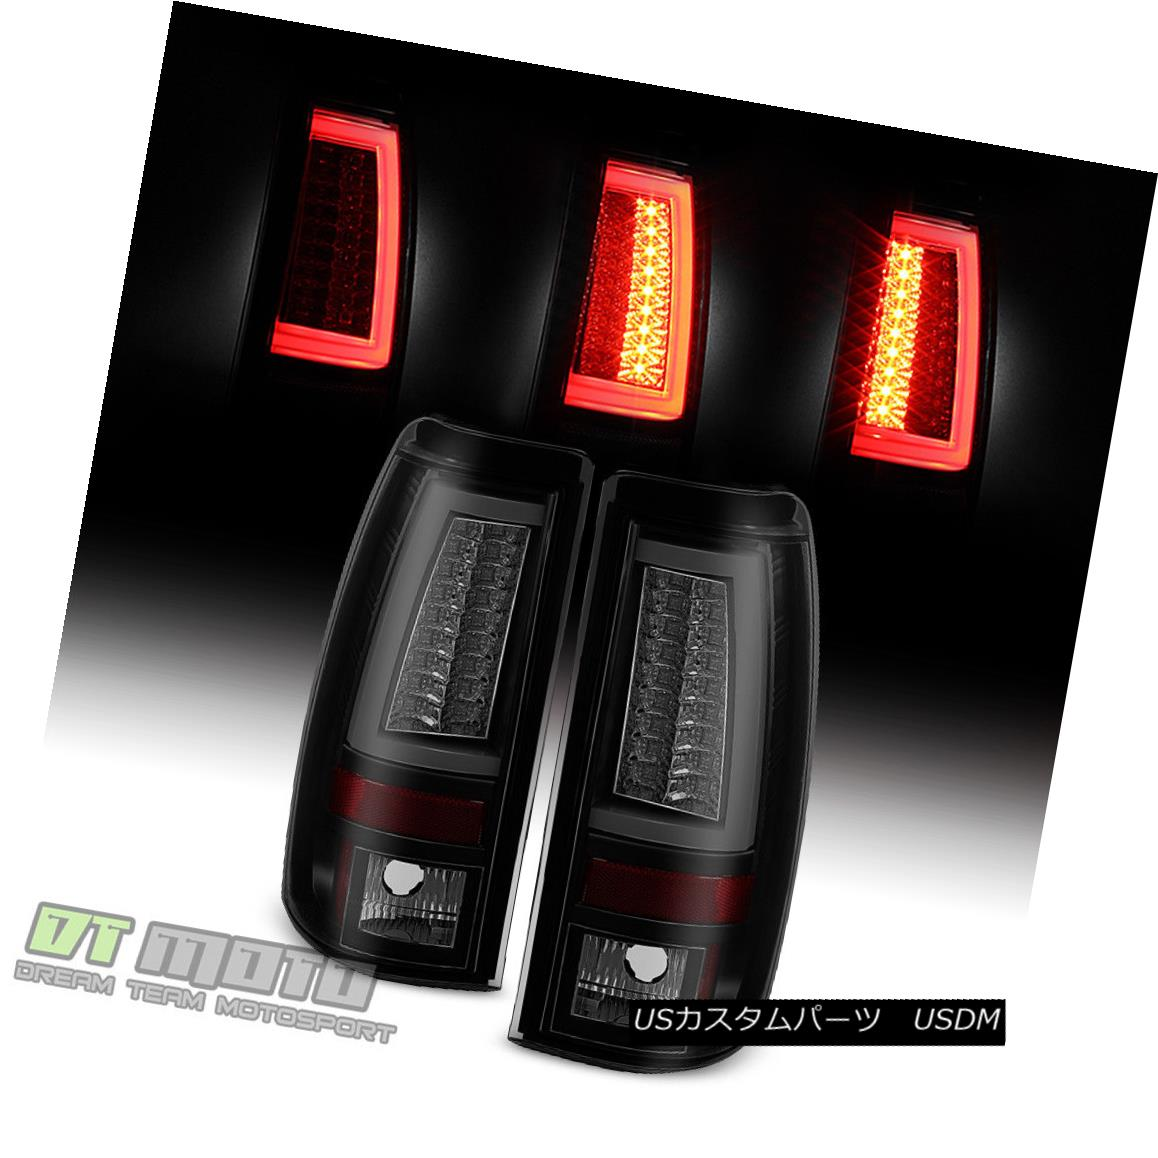 テールライト 2003-2006 Chevy Silverado 1500-2500HD-3500 LED Pyro Tube Tail Lights Black Smoke 2003-2006 Chevy Silverado 1500-2500HD-35 00 LEDパイロチューブテールライトブラックスモーク